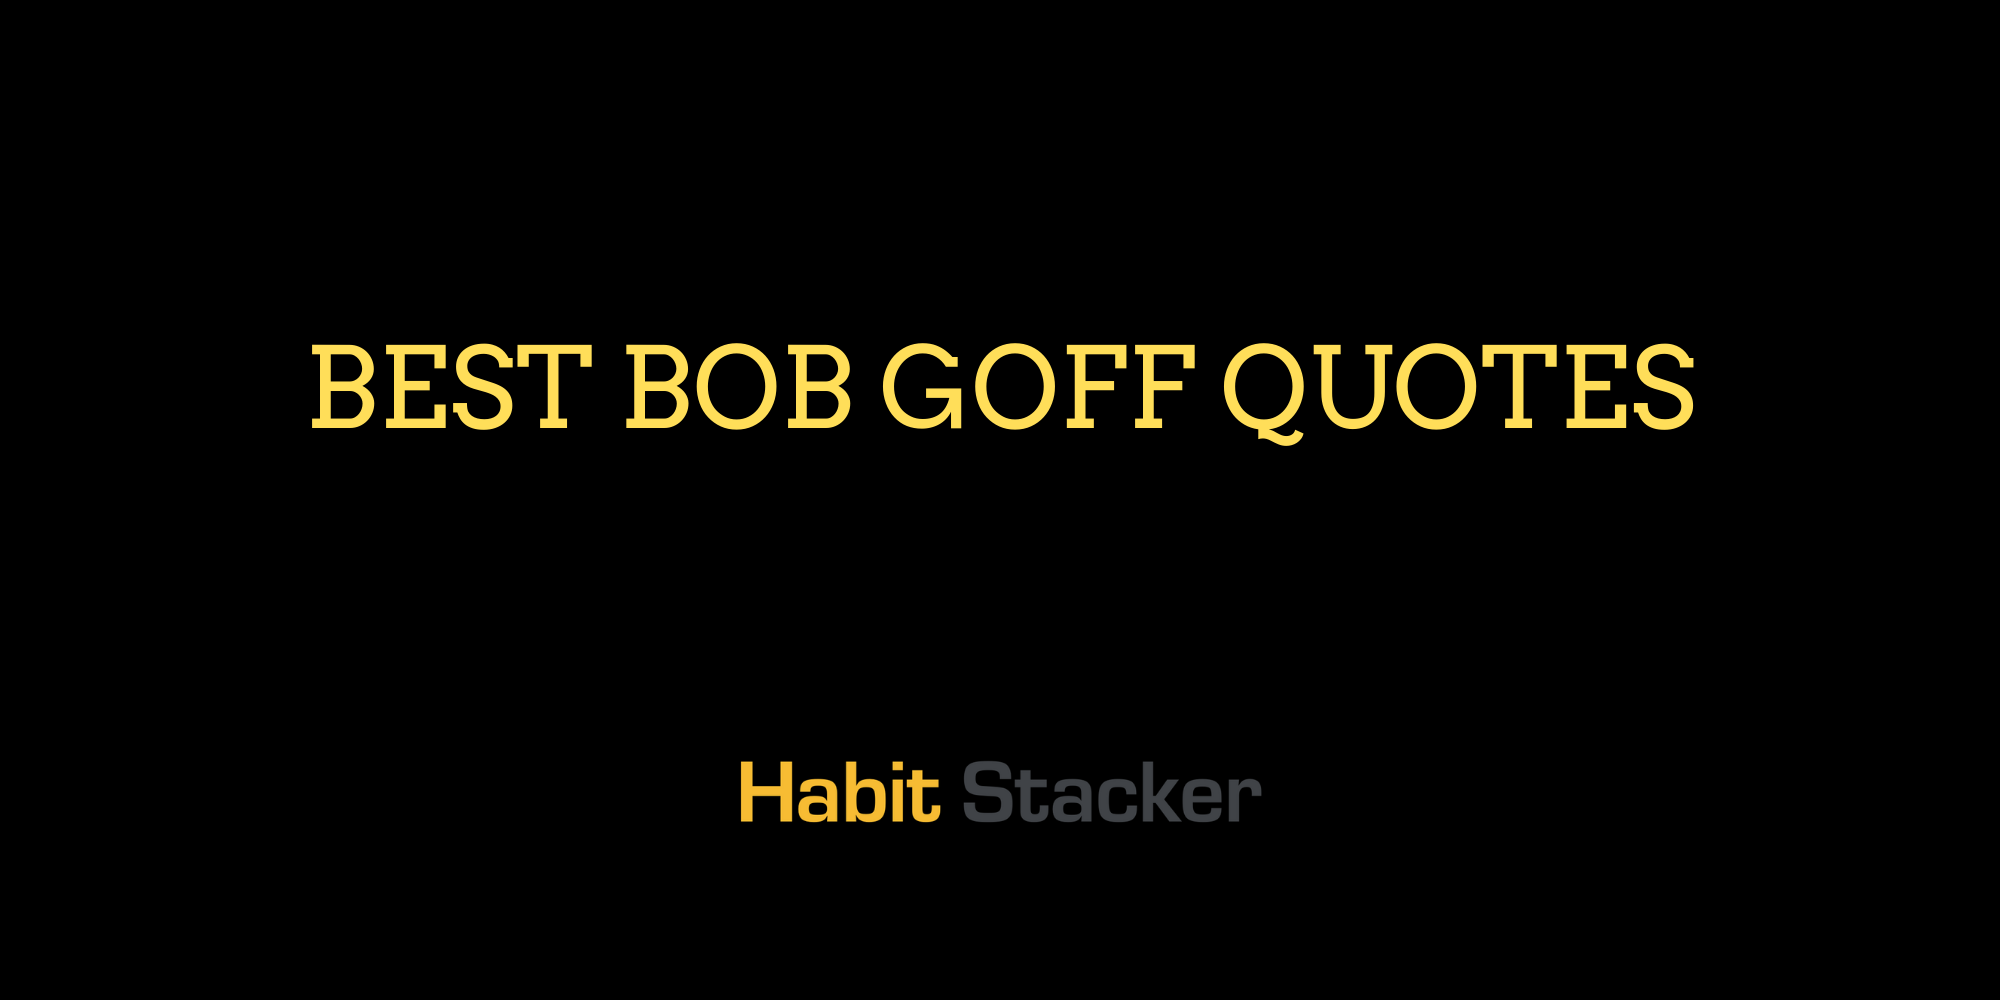 Best Bob Goff Quotes